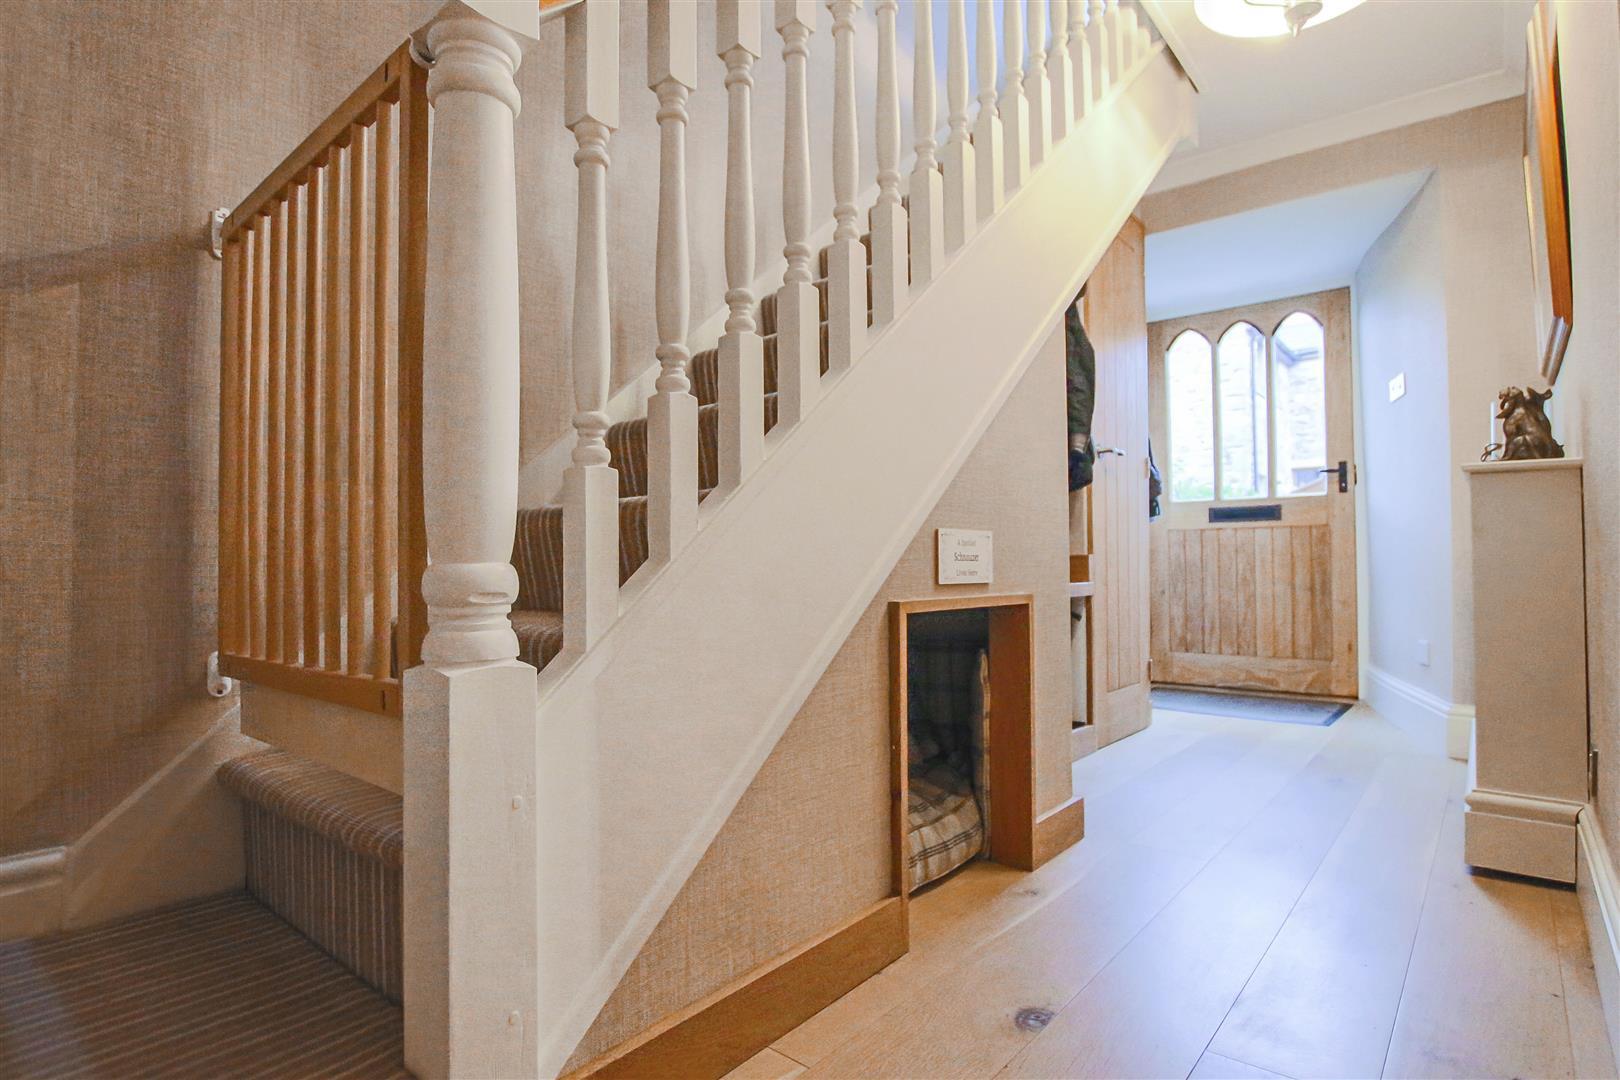 3 Bedroom Cottage For Sale - Hallway